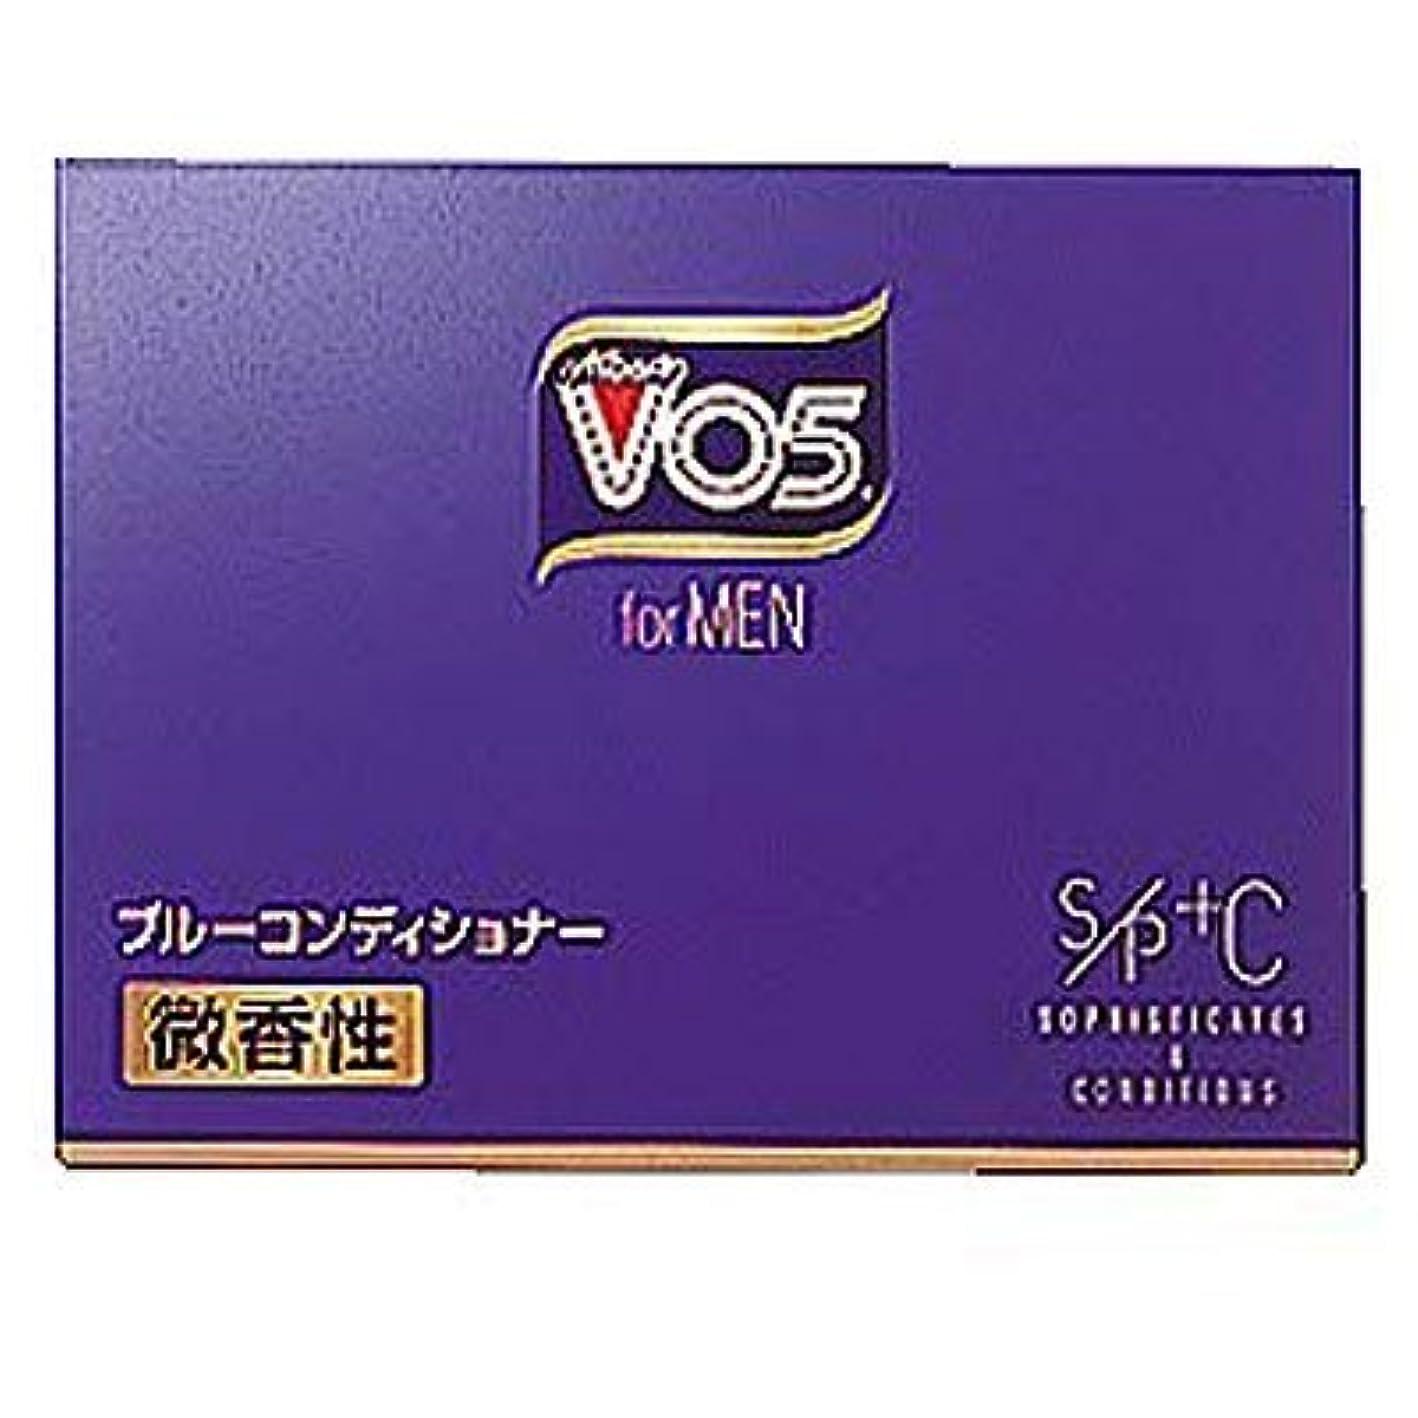 優雅な知的怪物VO5 forMEN ブルーコンディショナー 微香性 85g